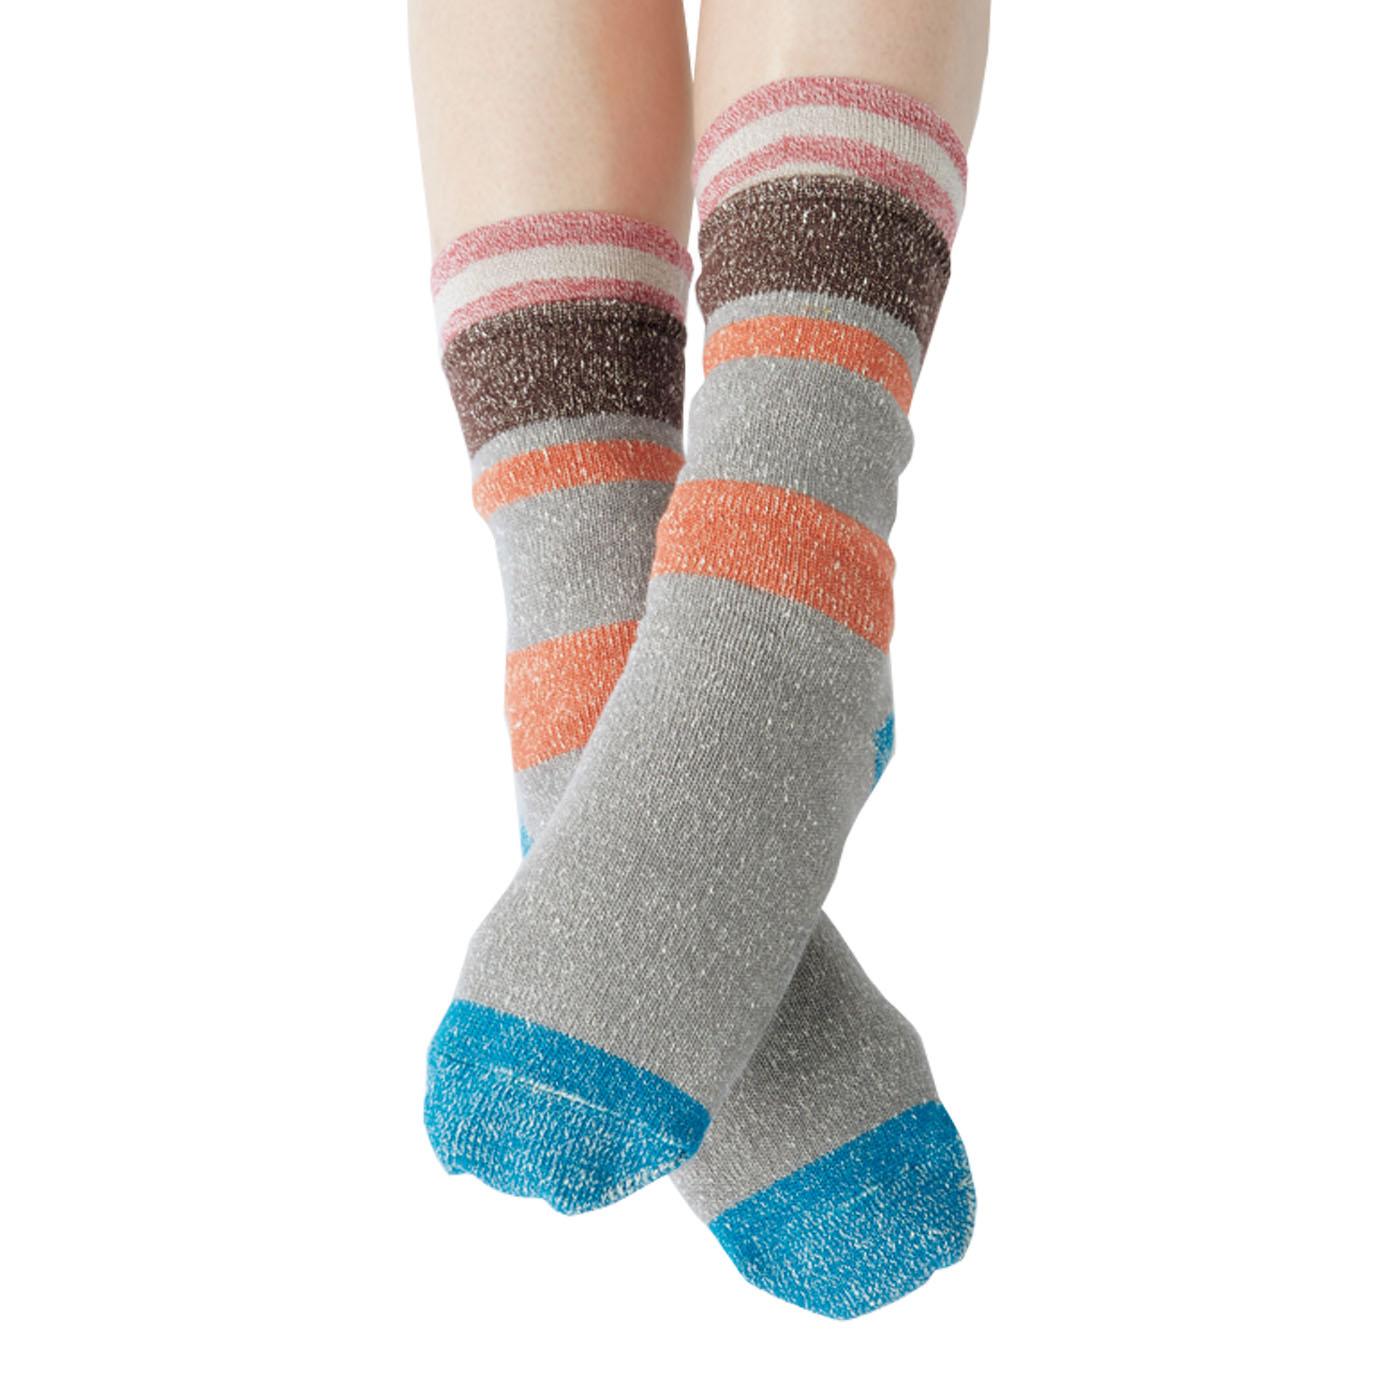 「1枚で2枚重ね 先丸靴下の会(CN-663-238)」を上から重ねてはけば、4層重ねの暖かさに。